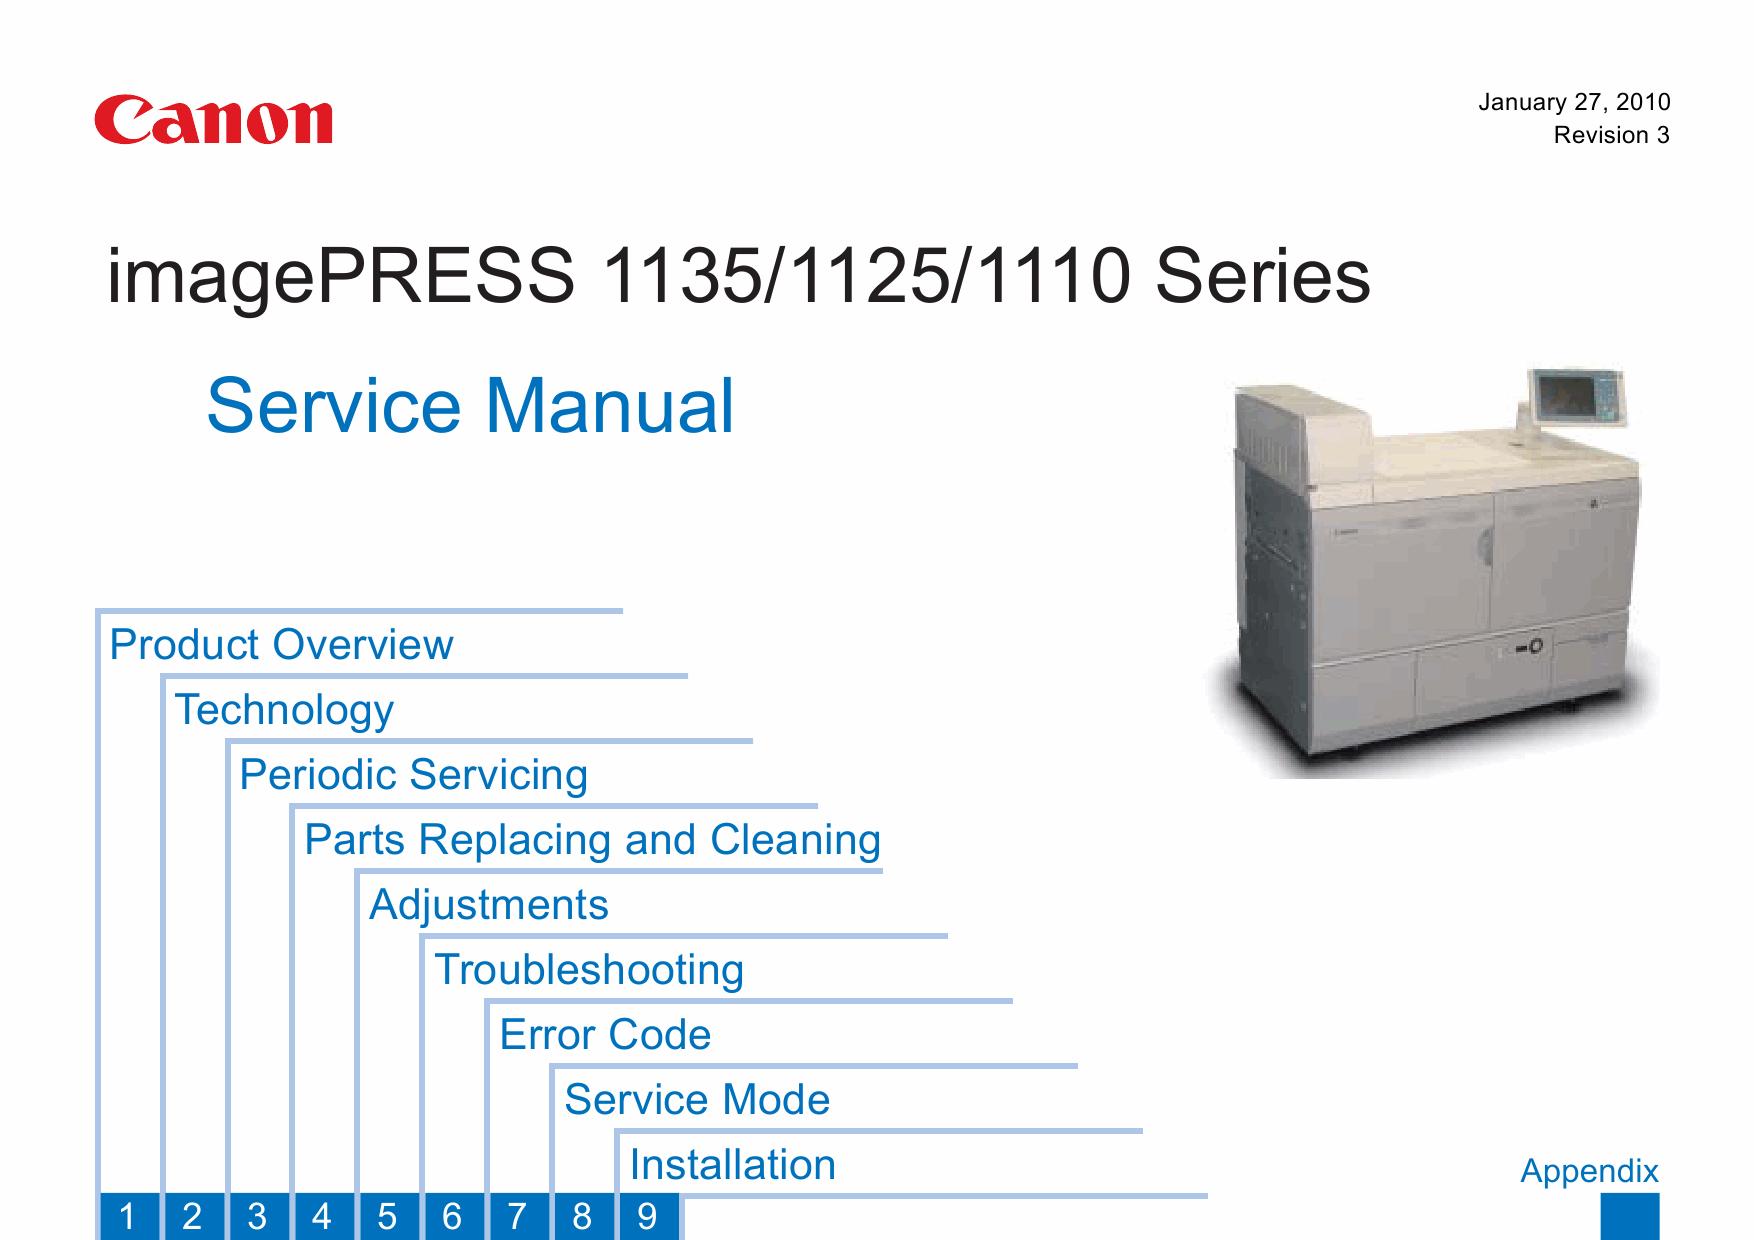 canon at 1 manual pdf